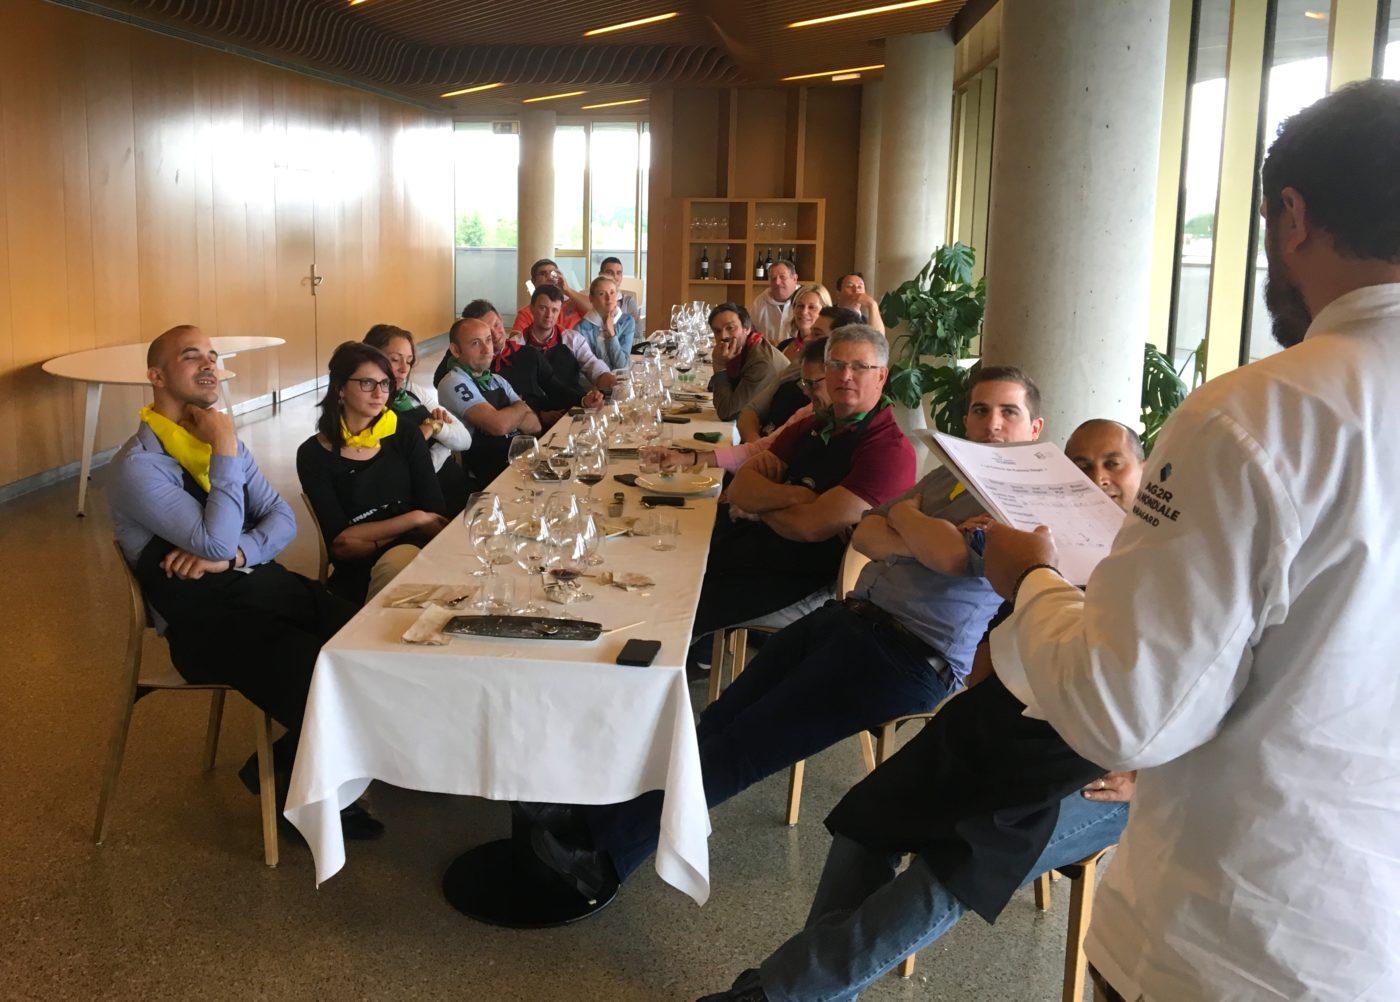 Seminaire team building cuisine Gastronomique agence evenementielle-erronda pays basque hendaye saint sebastien cours de cuisine basque culinary center fontarrabie-